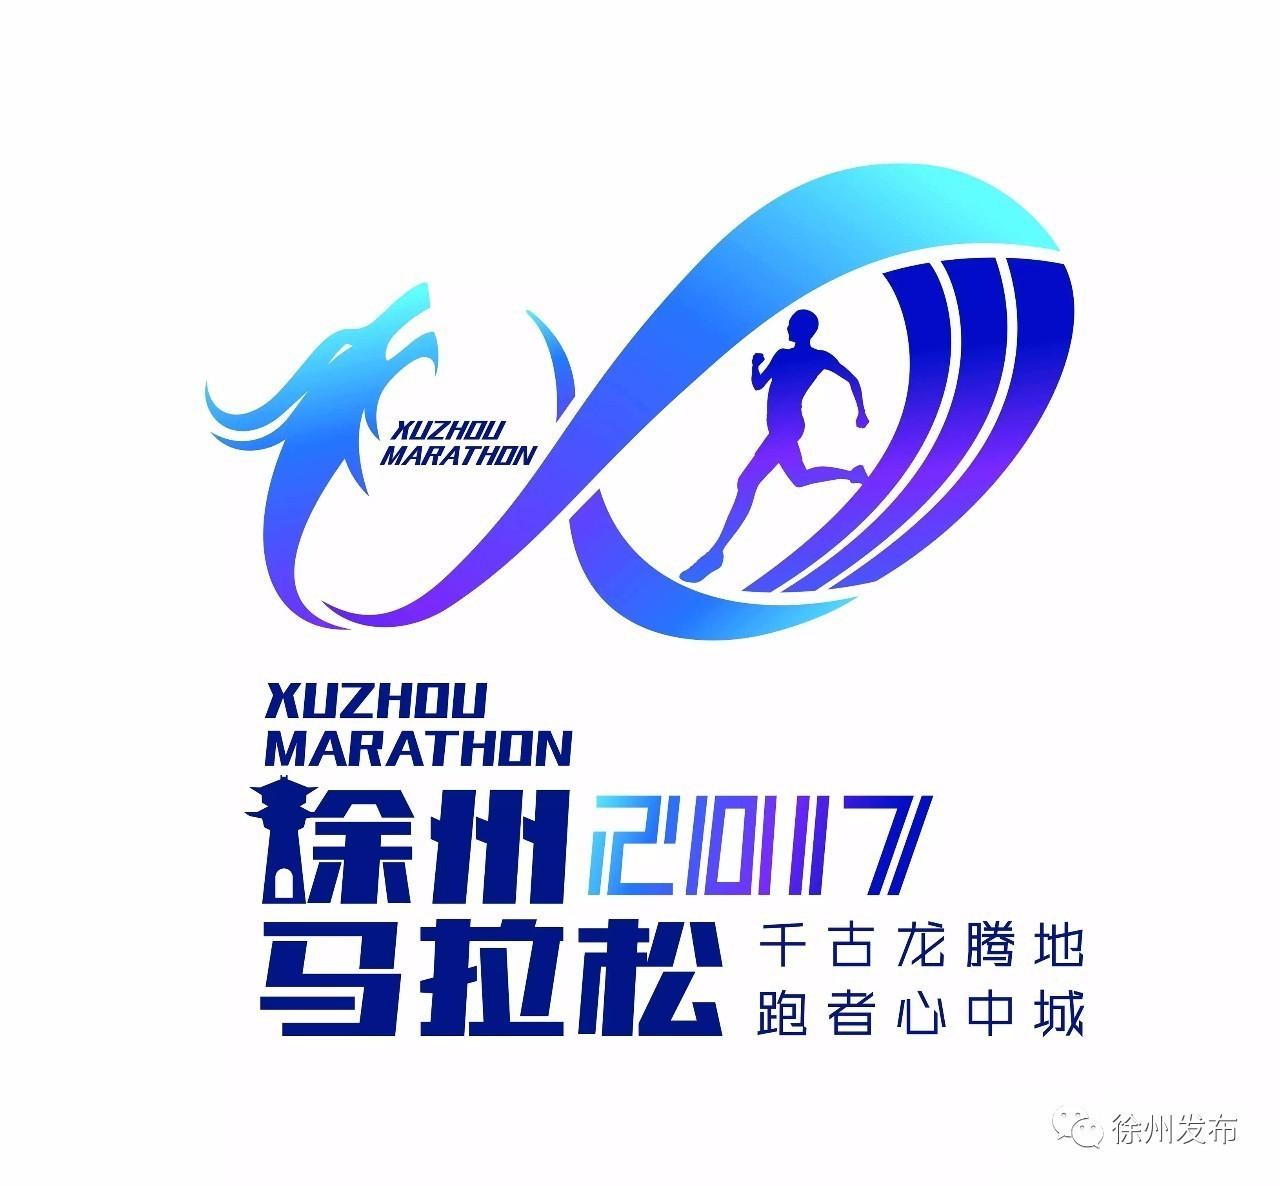 2017青岛国际马拉松logo